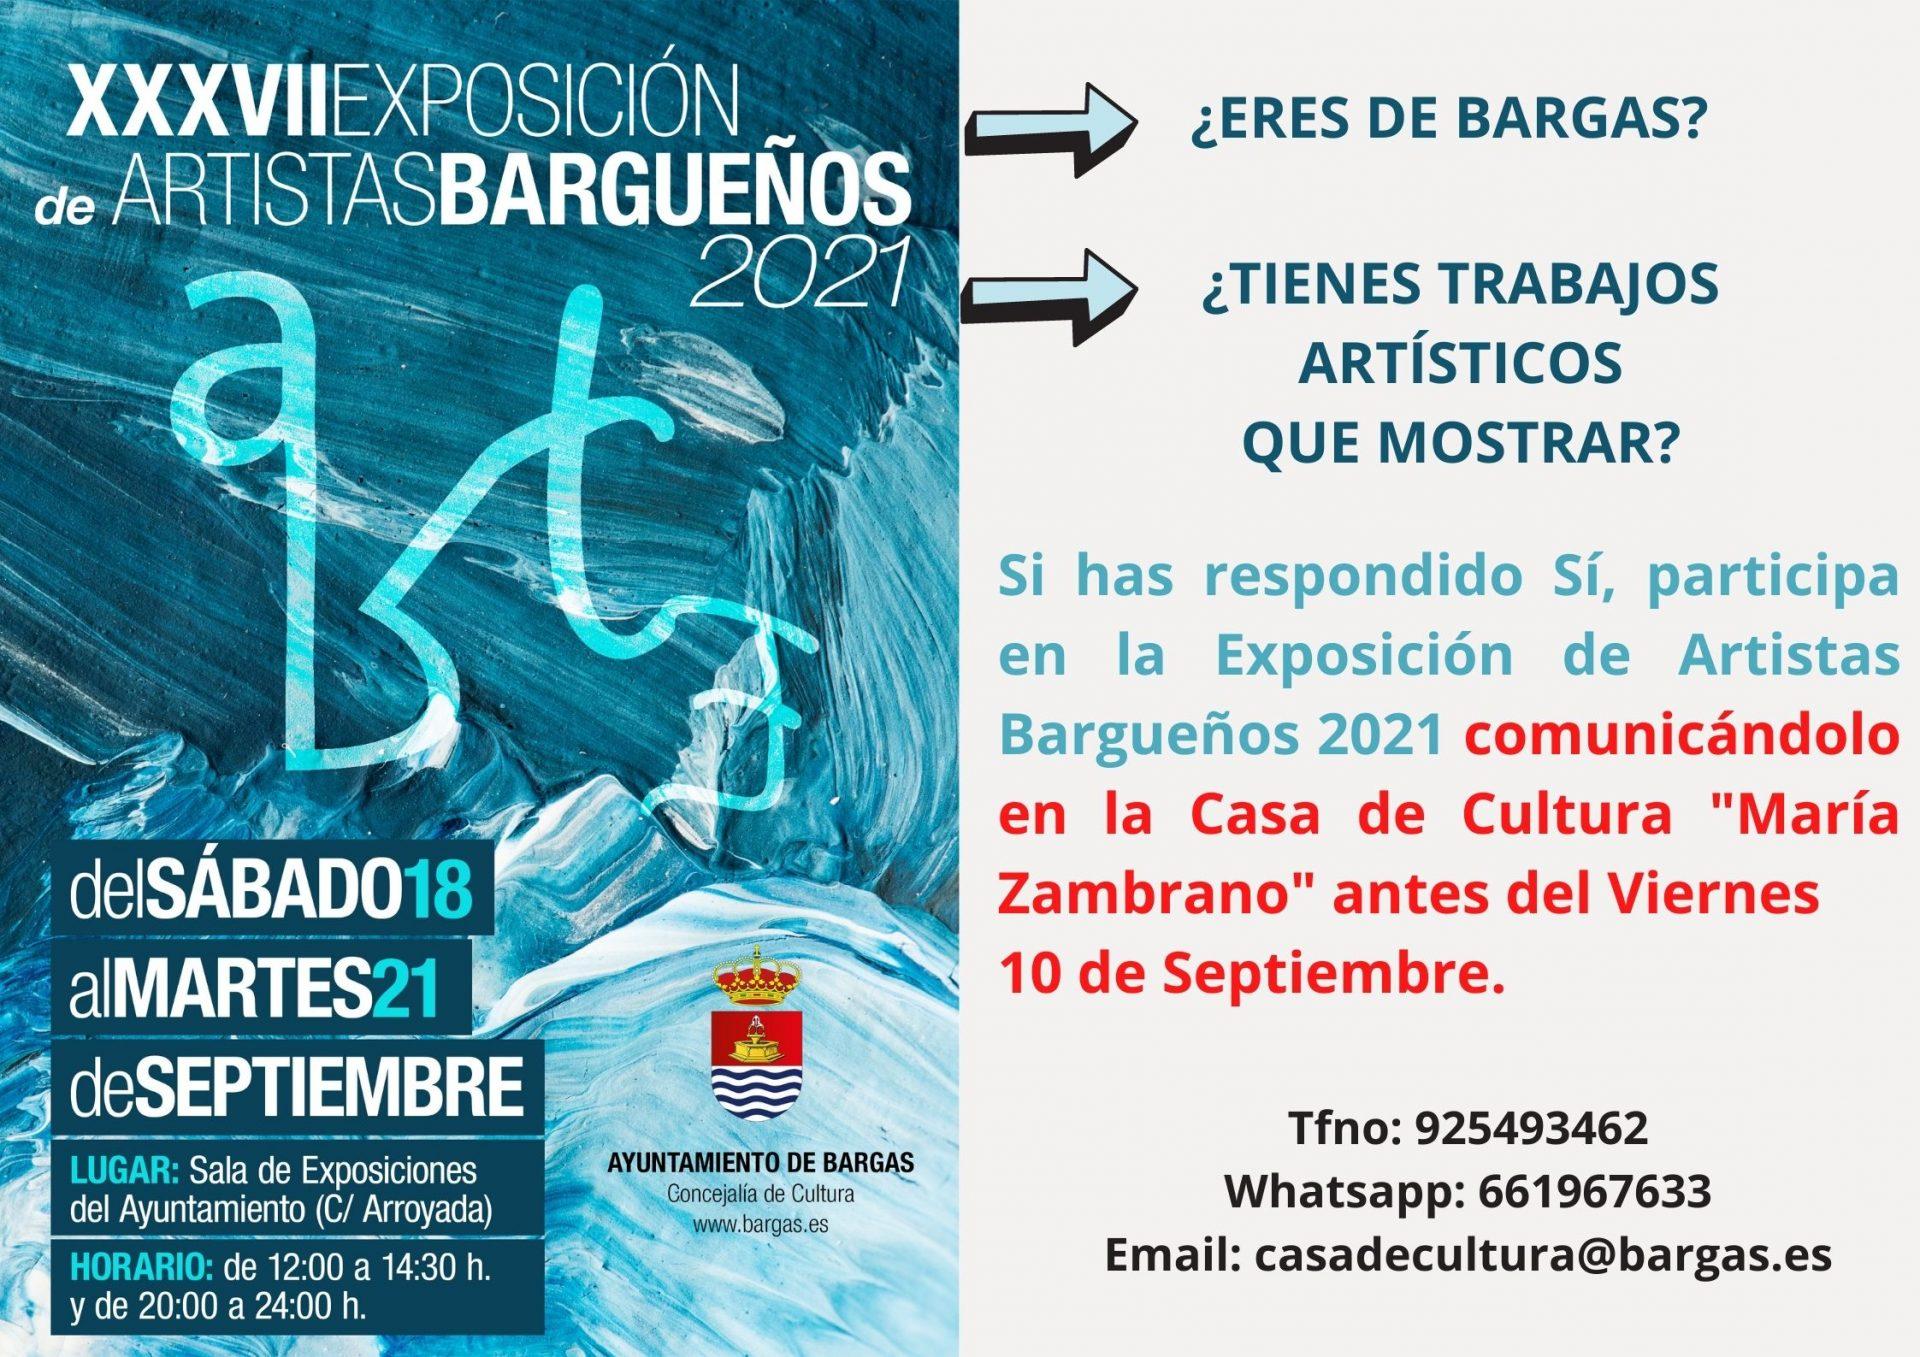 XXXVII Exposición de Artistas Bargueños 2021